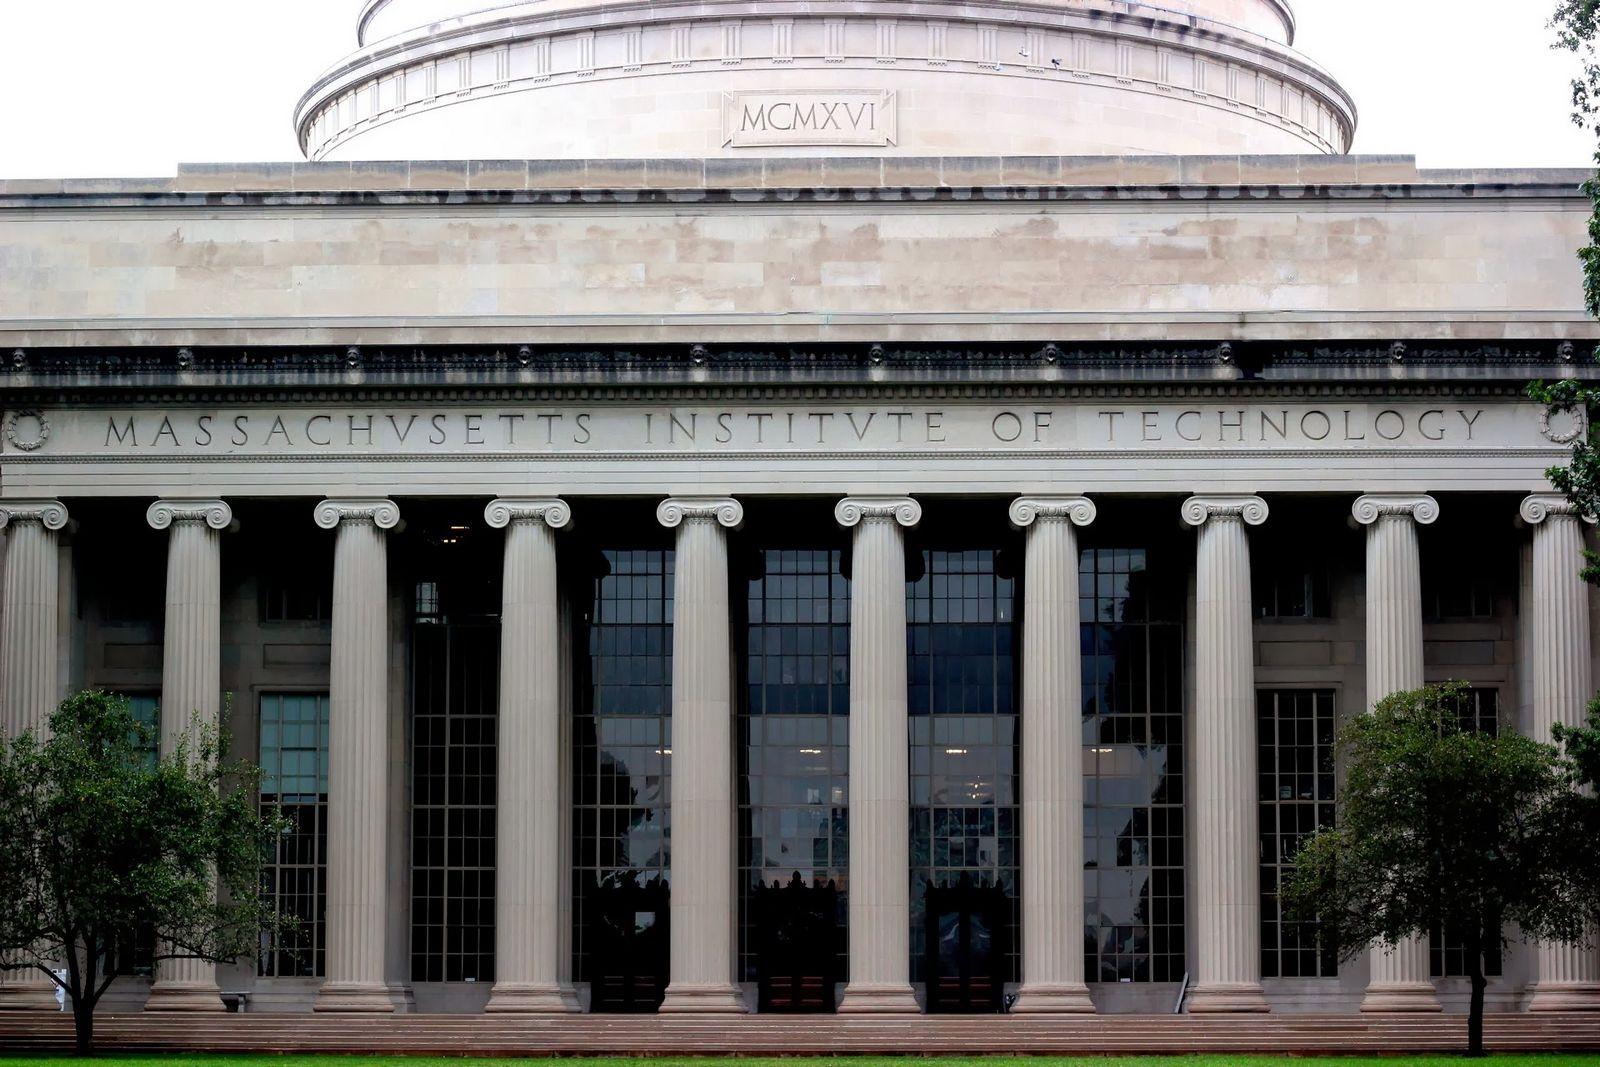 La fachada por excelencia del MIT